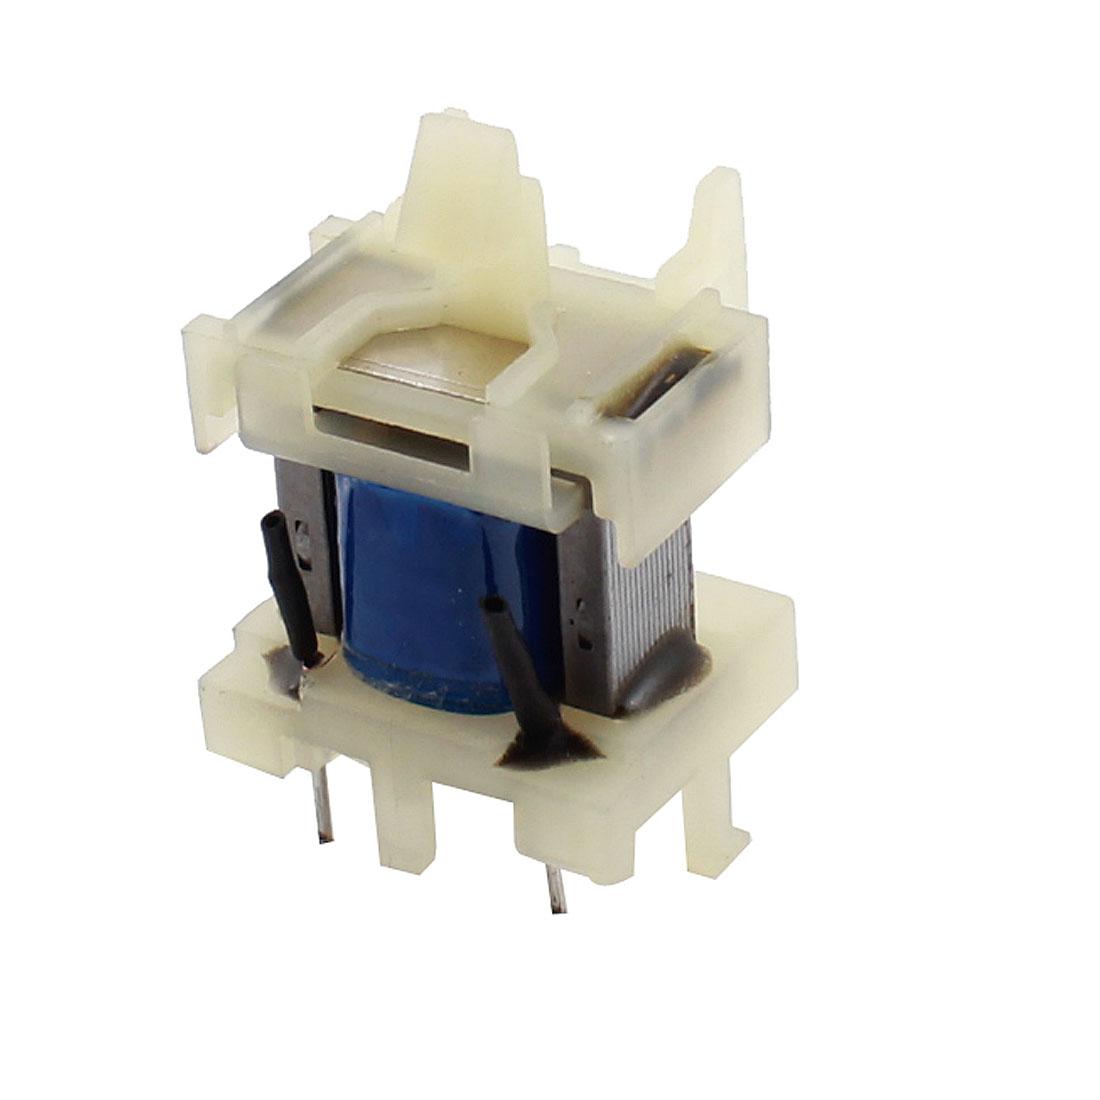 Open Frame 0mm Stroke 1800g Force Solenoid Electromagnet DC 12V